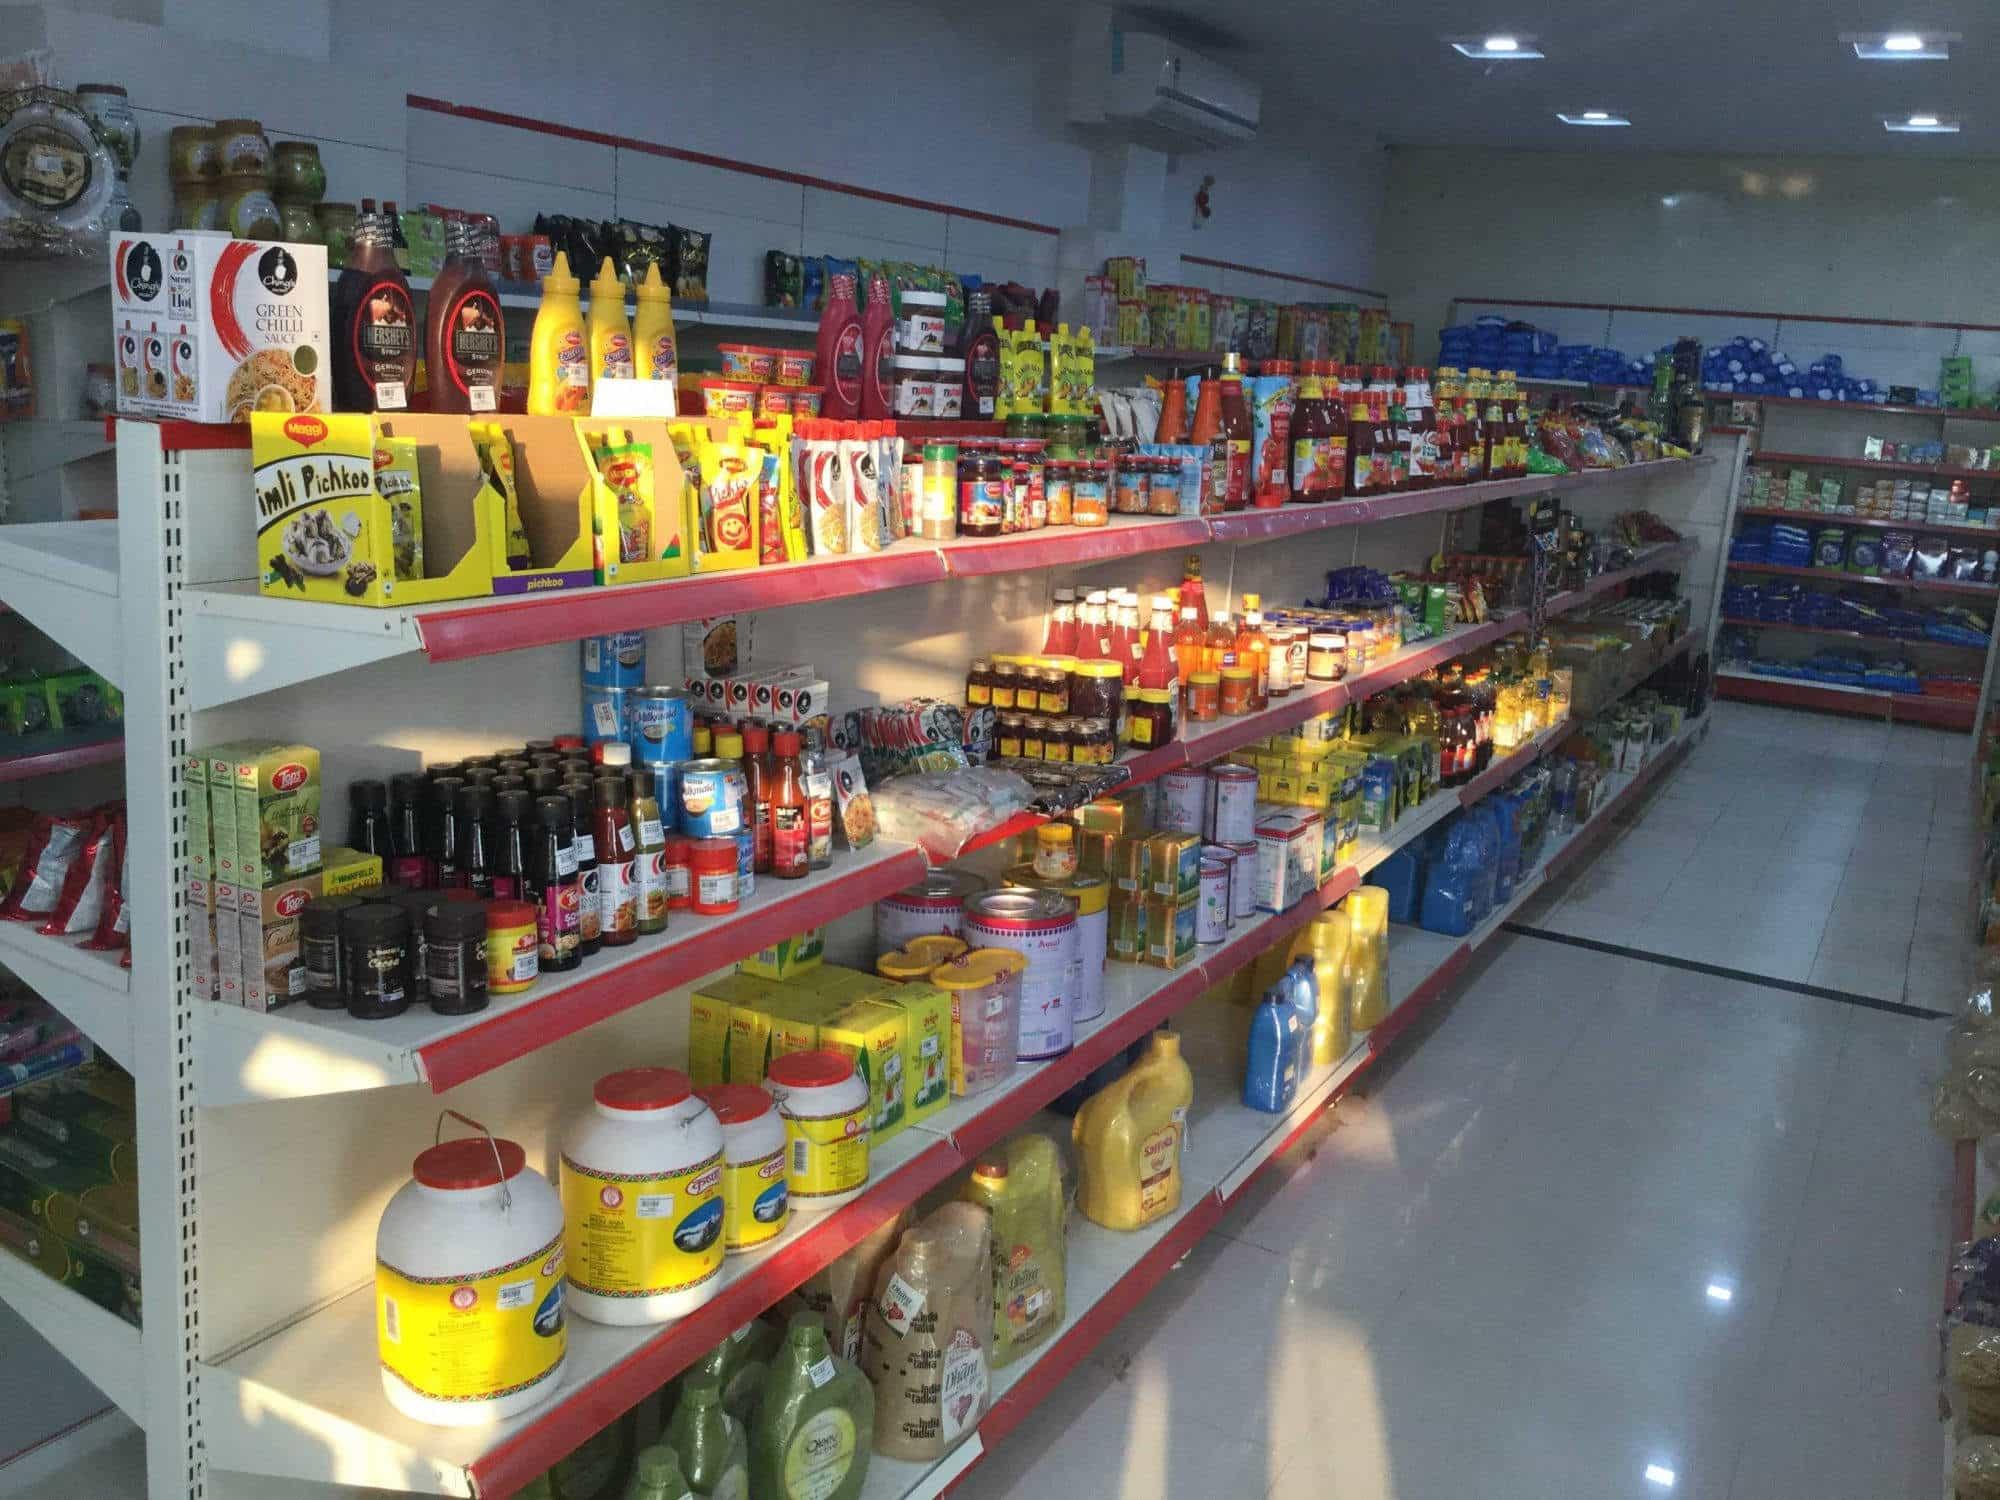 Jain Departmental Store, Pal Road - General Stores in Jodhpur - Justdial